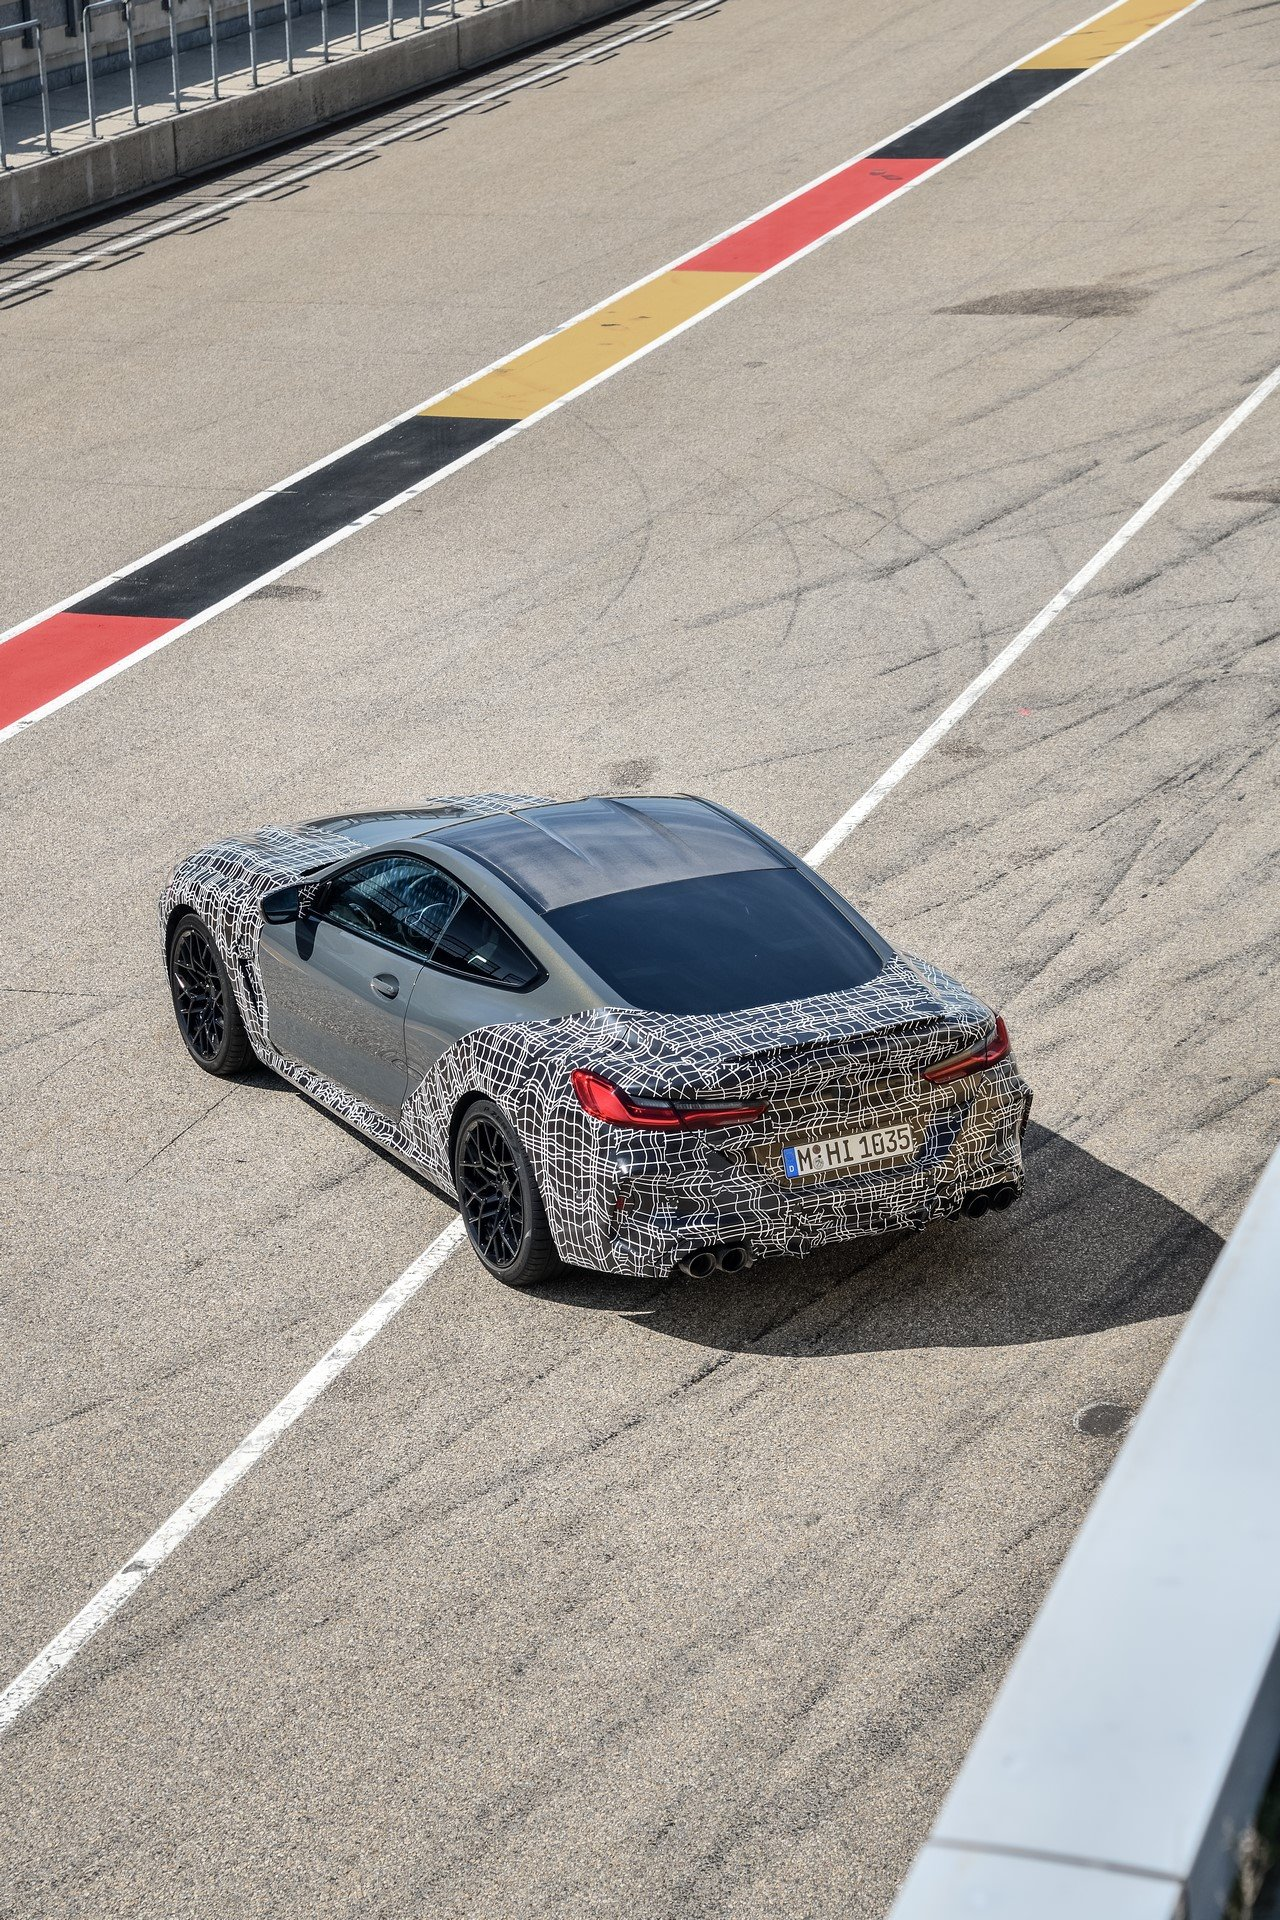 BMW-M8-spy-photos-12